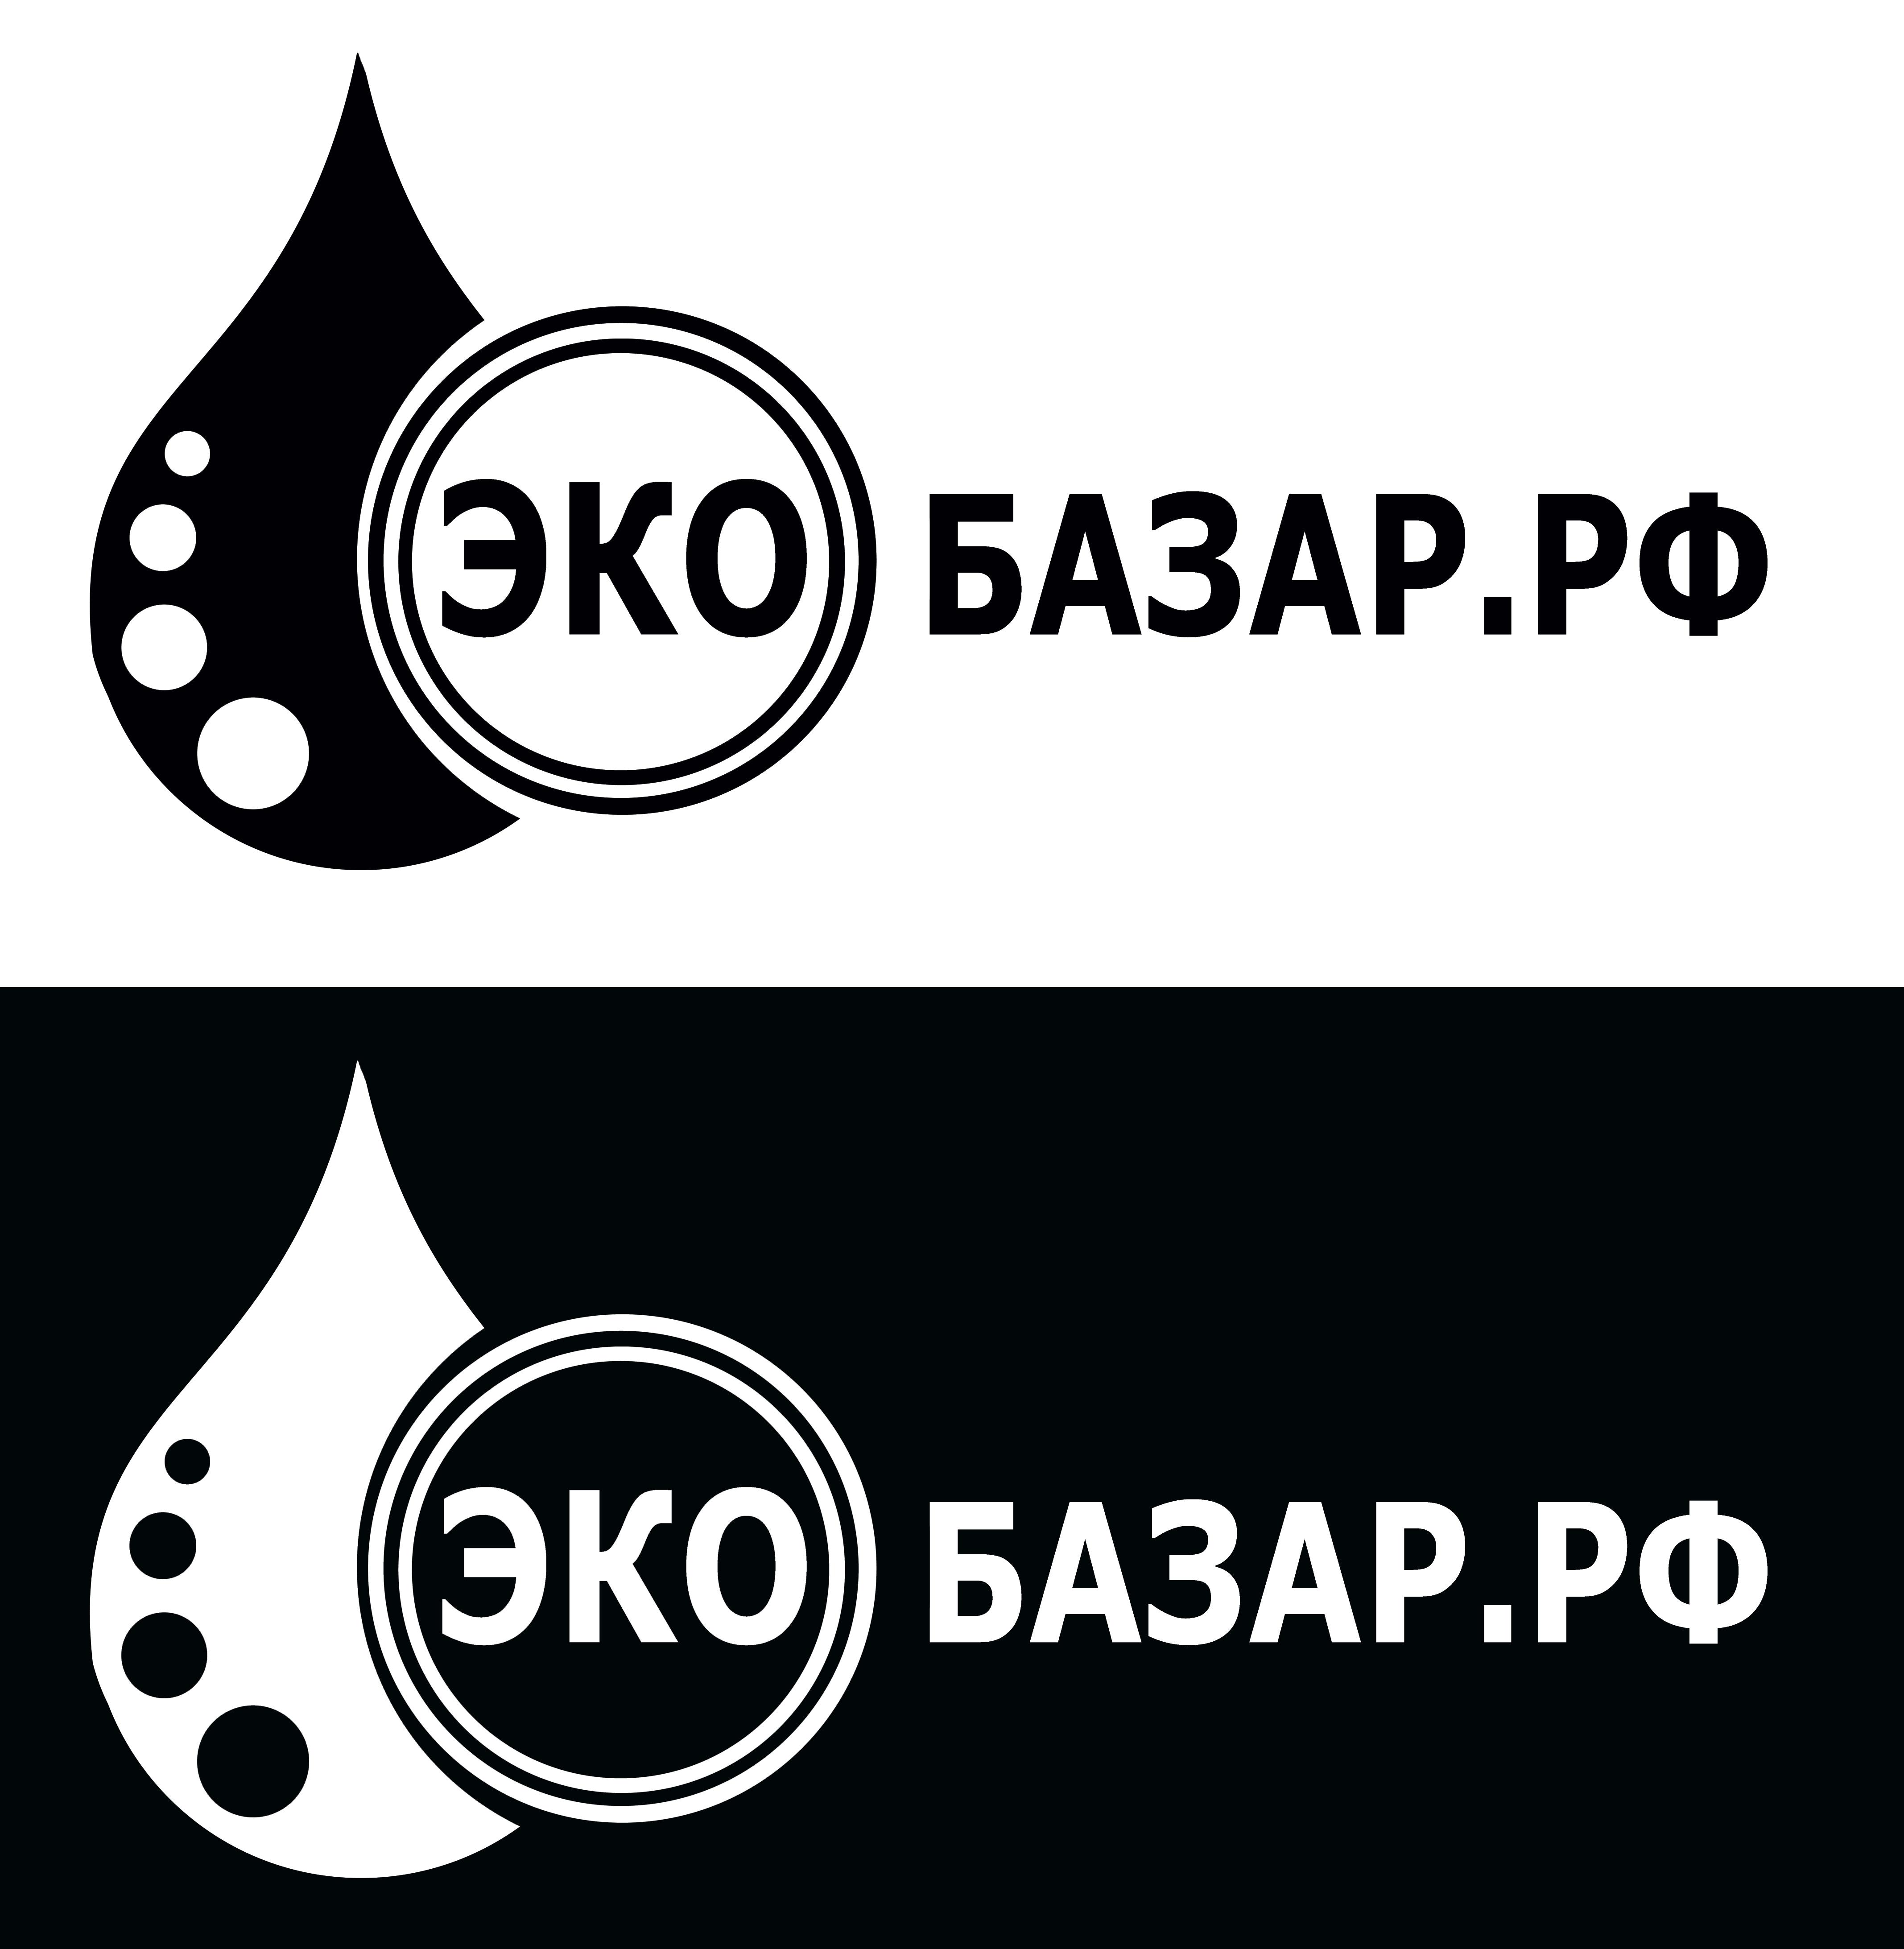 Логотип компании натуральных (фермерских) продуктов фото f_618593e9d282452d.png